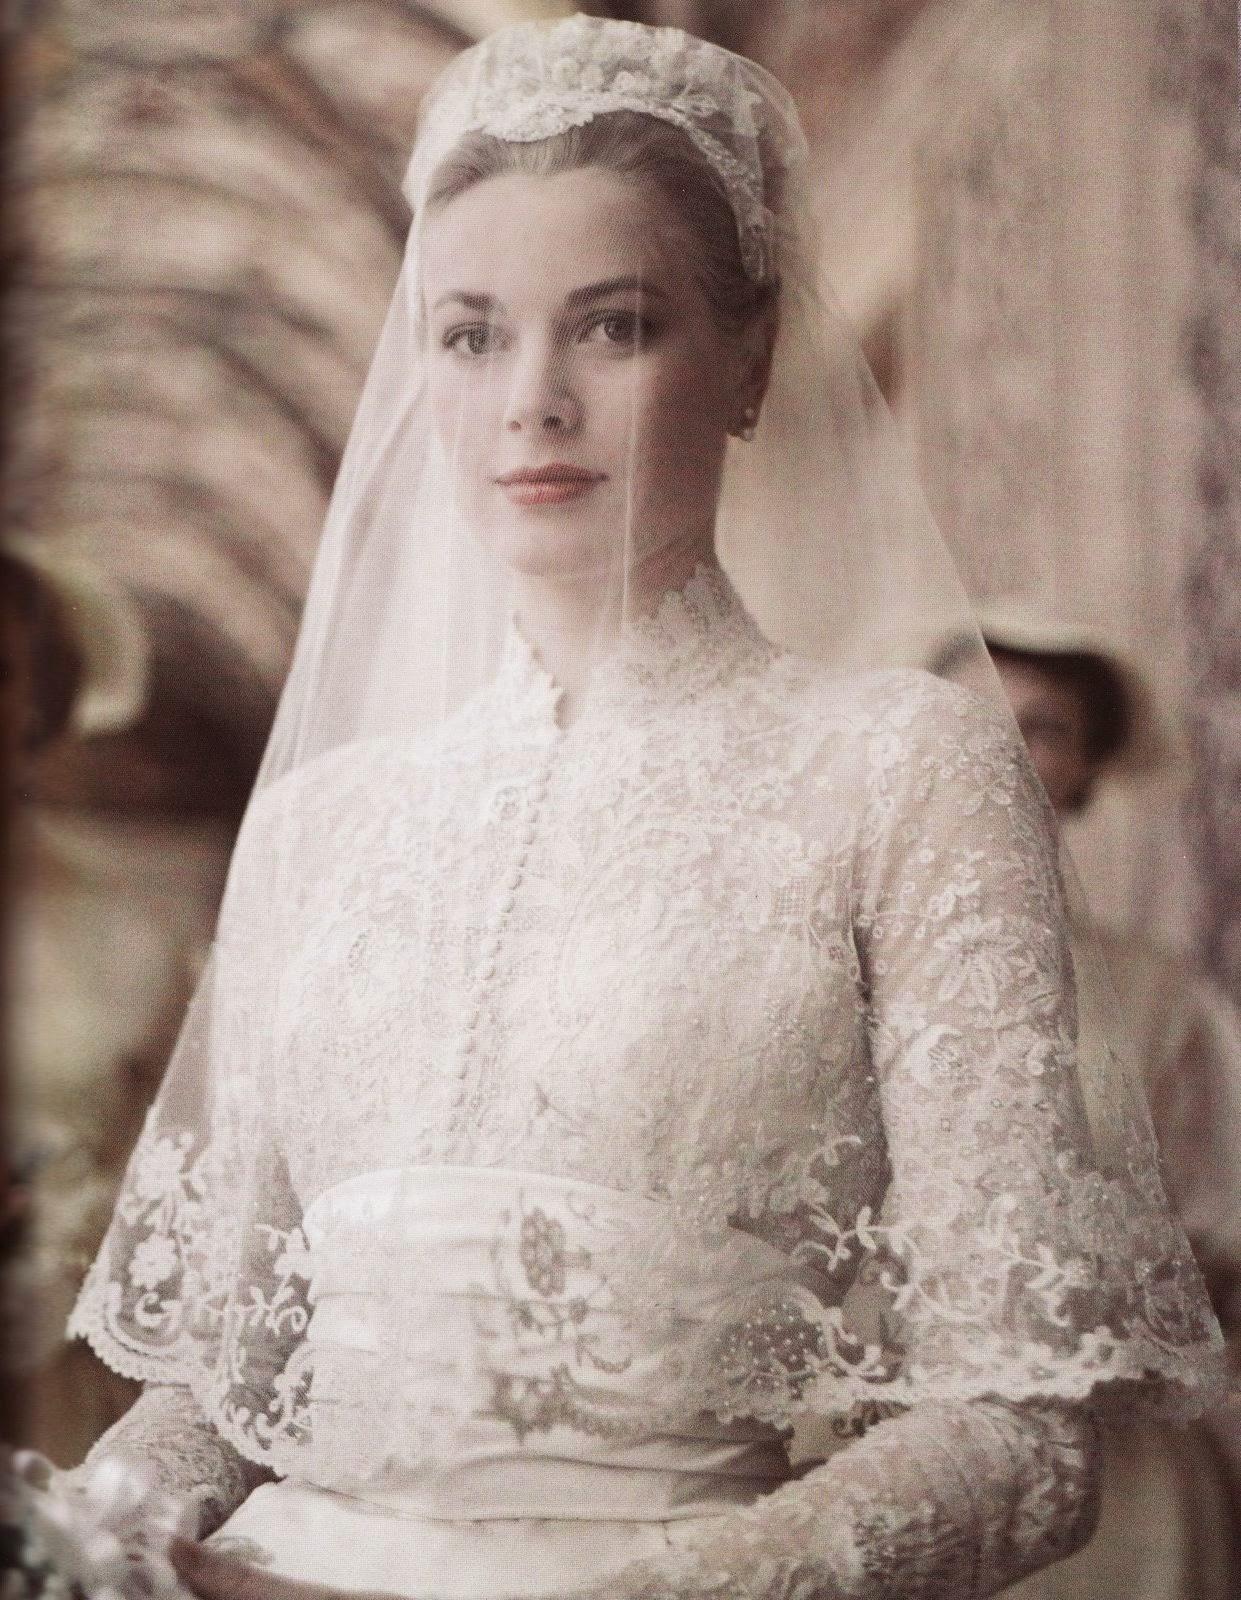 Peinados De Novias Famosas - Peinados de novia de las famosas Imita su look [FOTOS